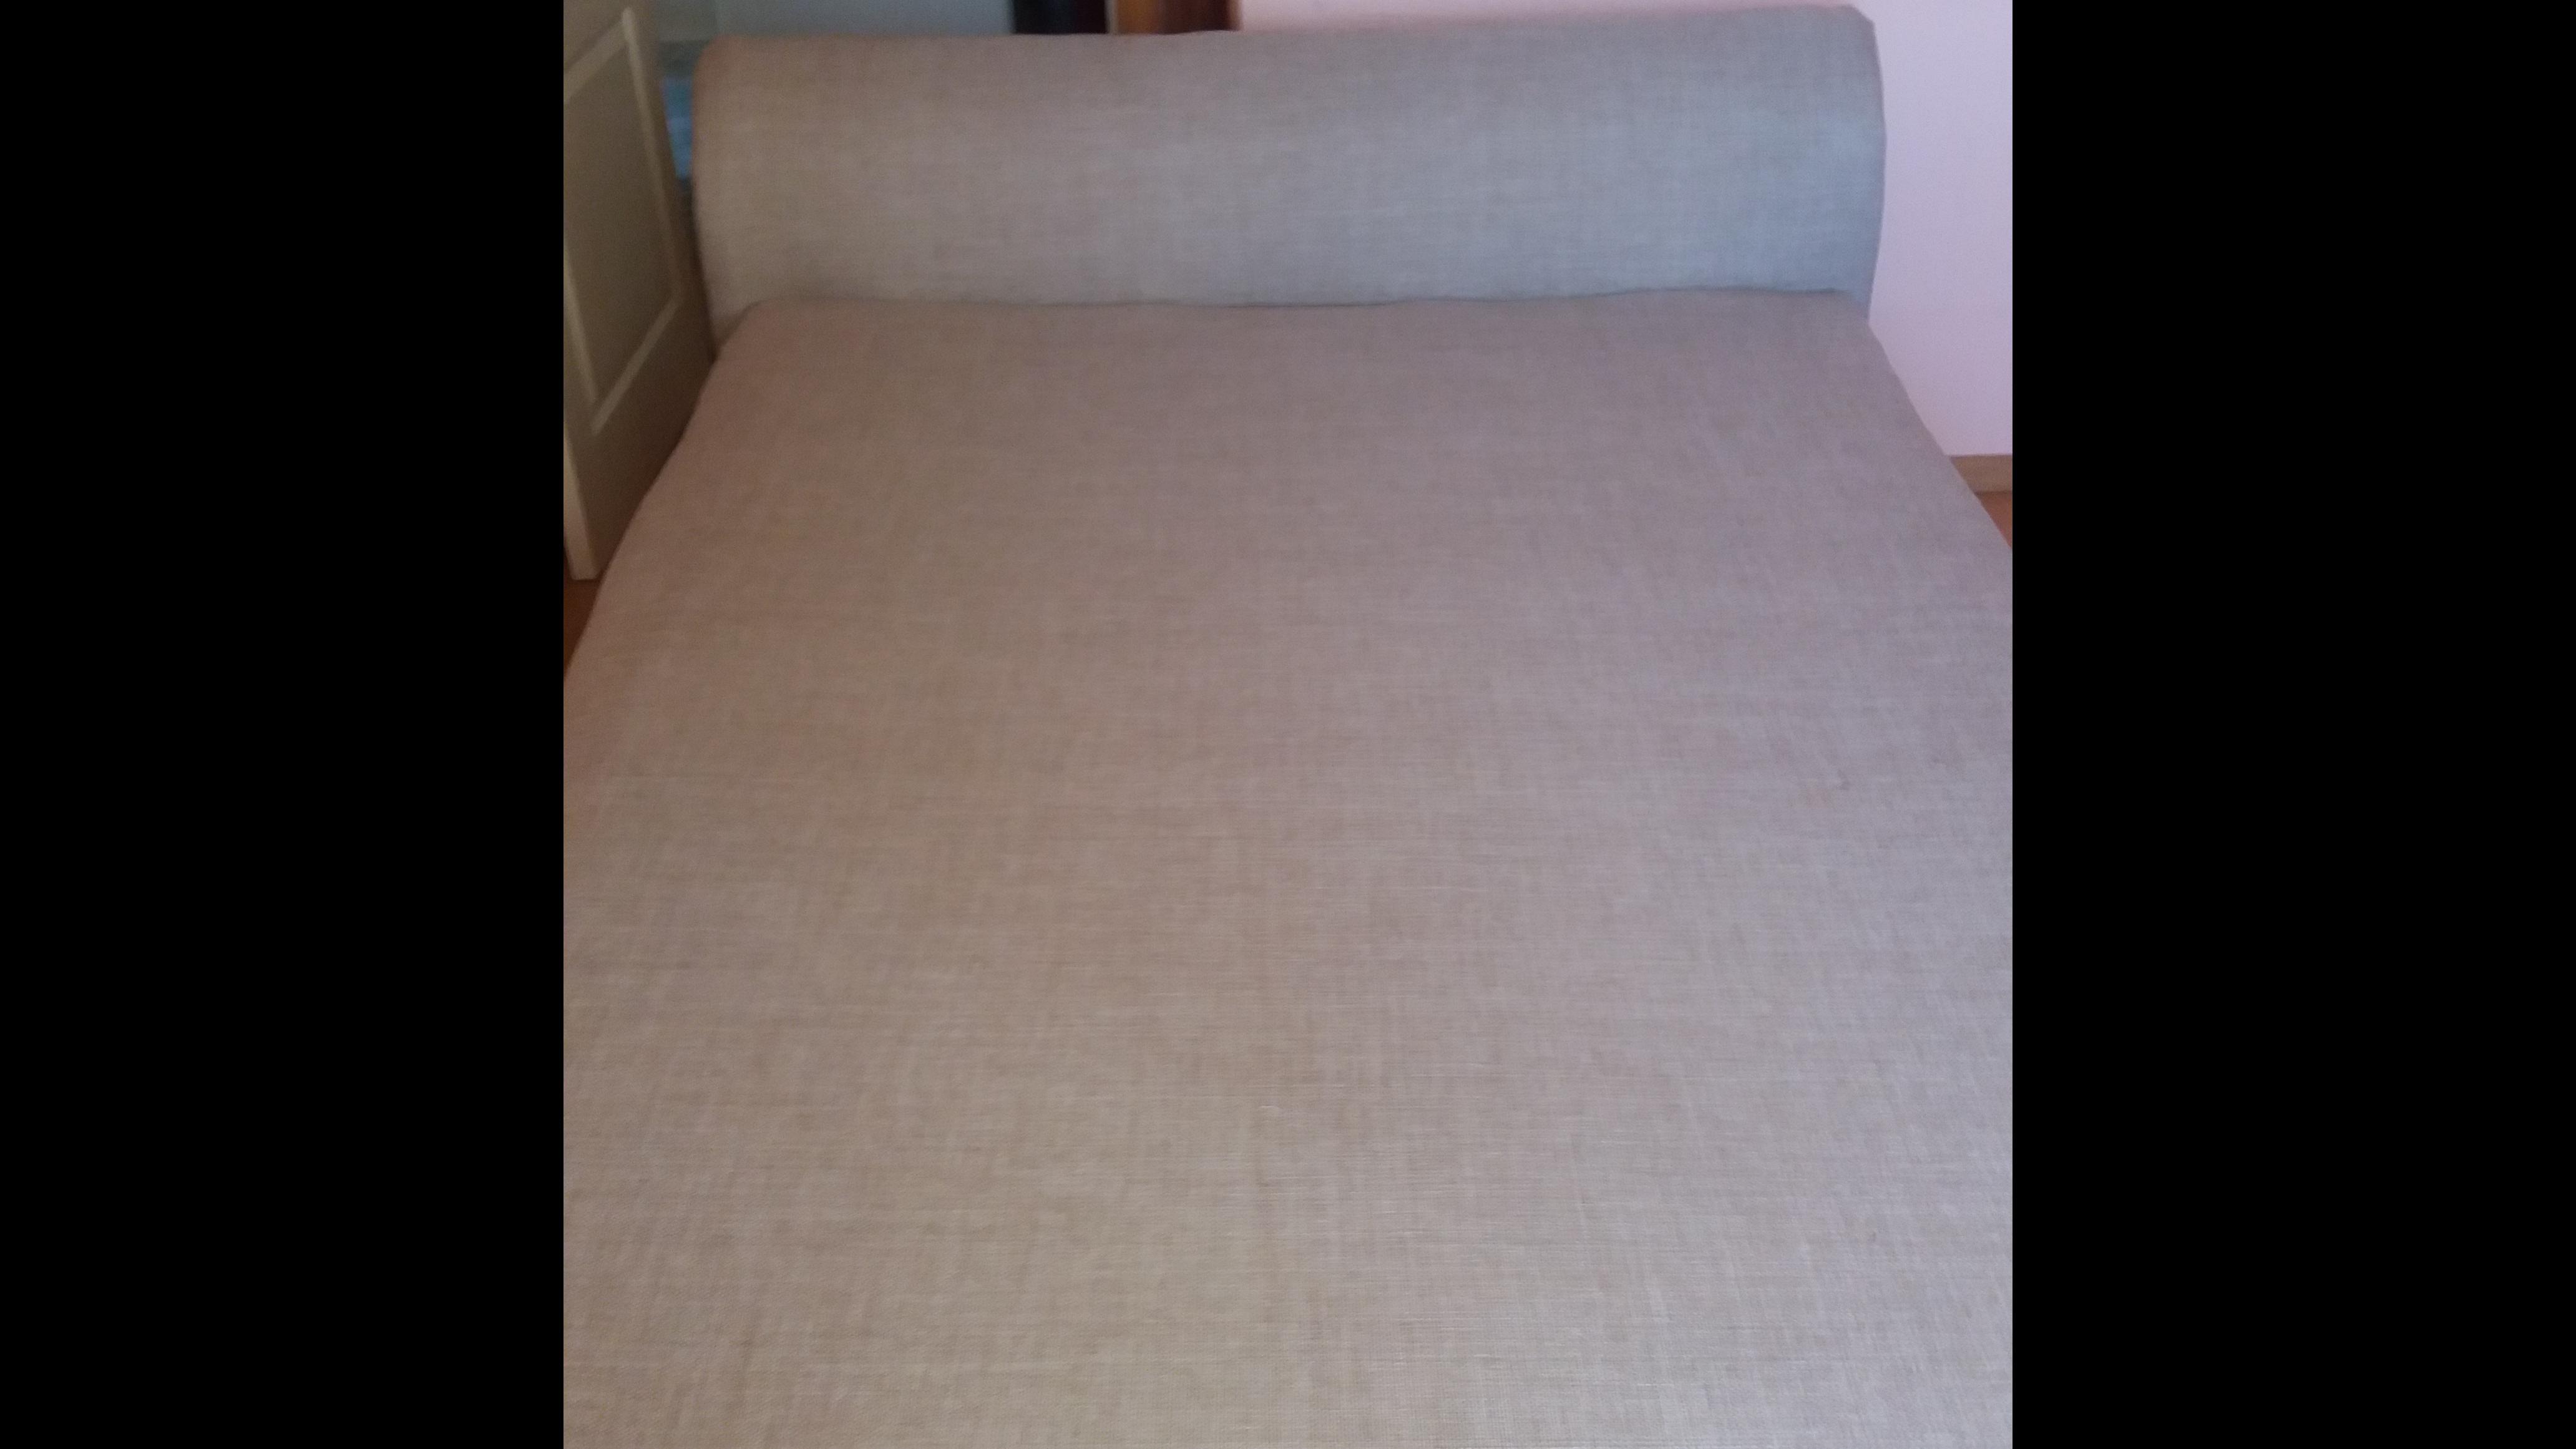 Фото Проведена полная замена внутренних составляющих дивана и его перетяжка. Времени на работу ушло два дня.